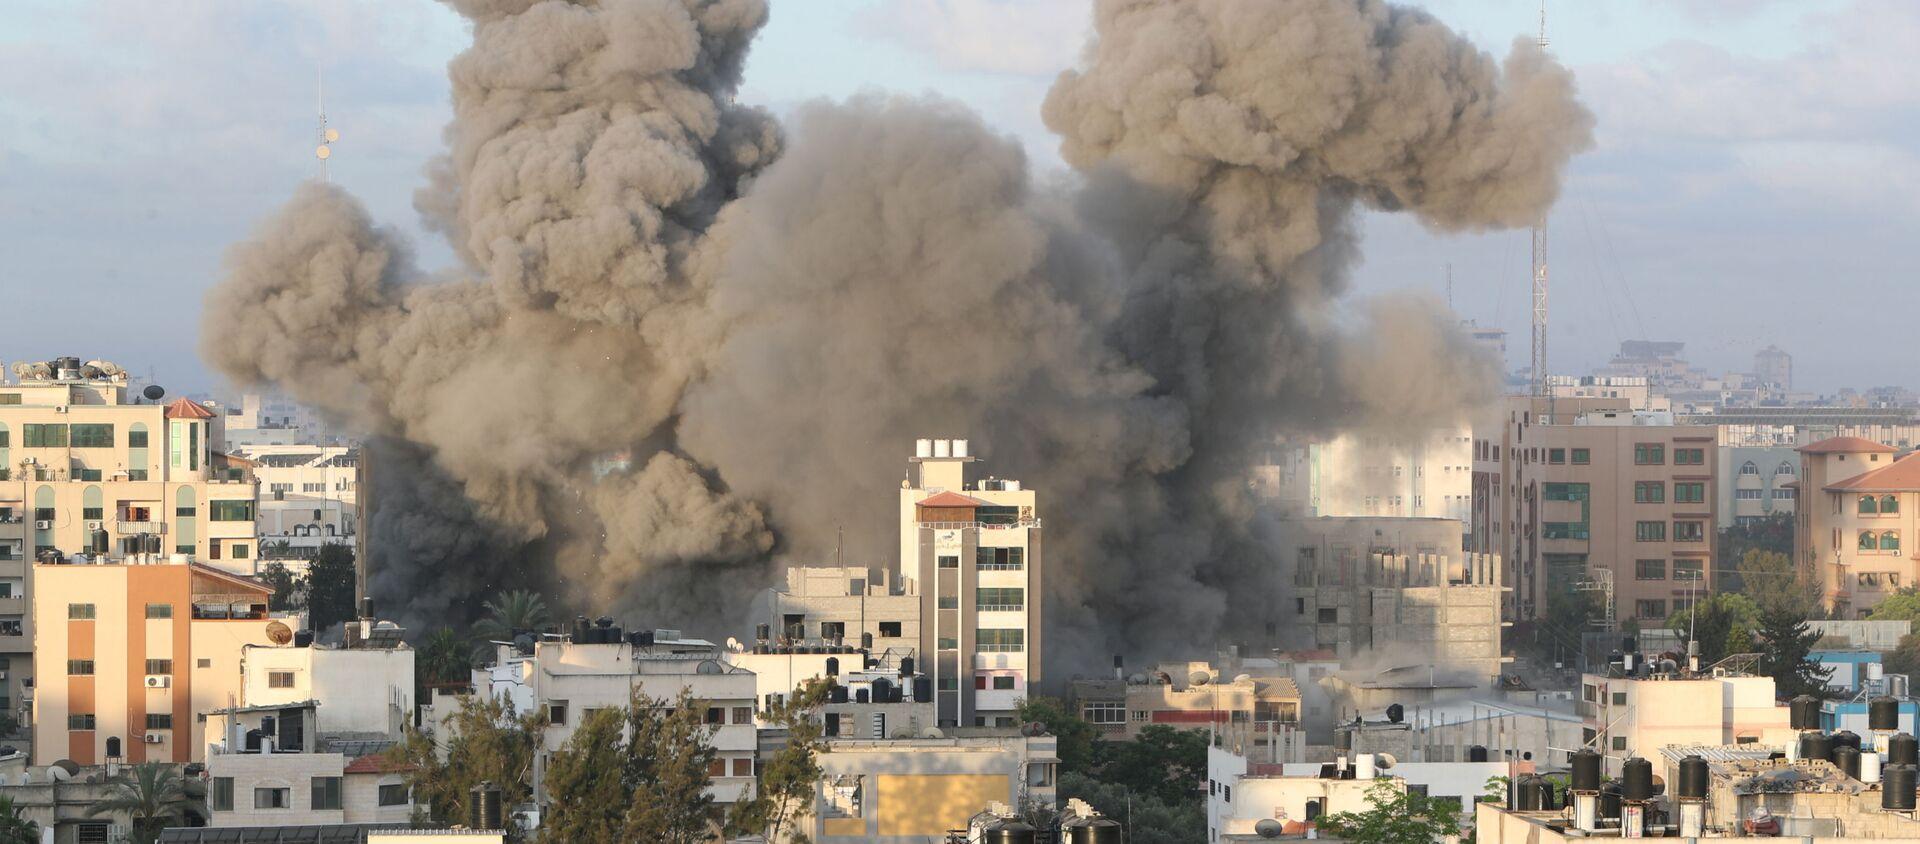 İsrail ordusunun Gazze'ye düzenlediği saldırılar  - Sputnik Türkiye, 1920, 18.05.2021